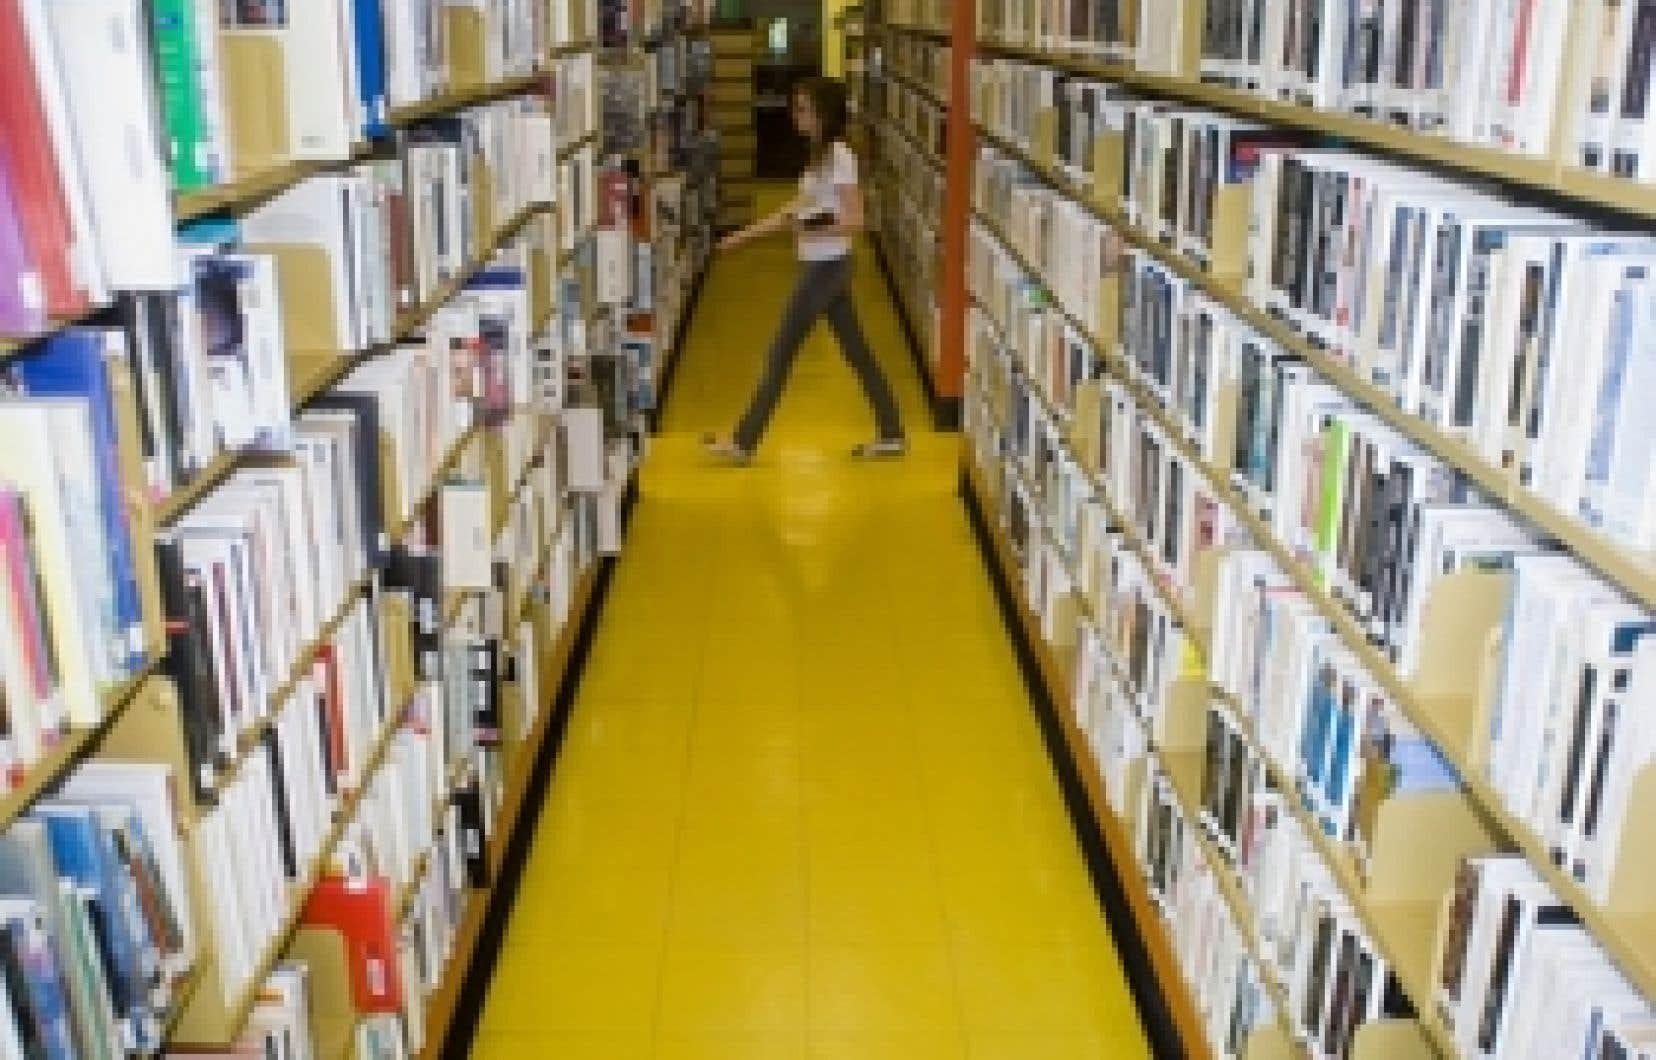 Les tarifs d'accès aux bibliothèques pour les non-résidants des villes de taille moyenne varient considérablement d'un endroit à l'autre. Si certaines demandent une contribution presque symbolique, d'autres réclament jusqu'à 200 $ pour u